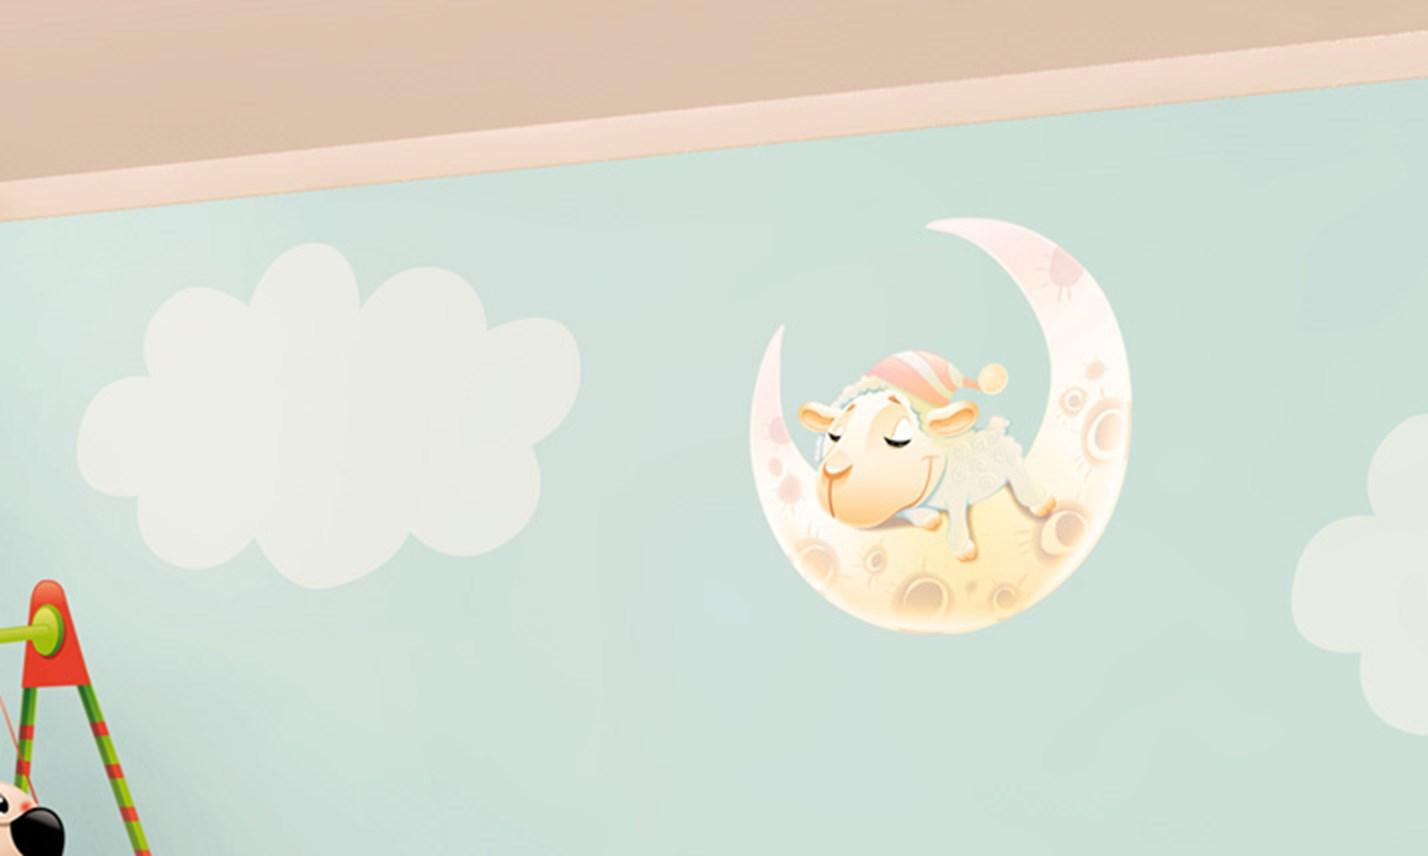 Dipinti Murali Per Camerette stickers murali bambini - cameretta cuccioli giocherelloni